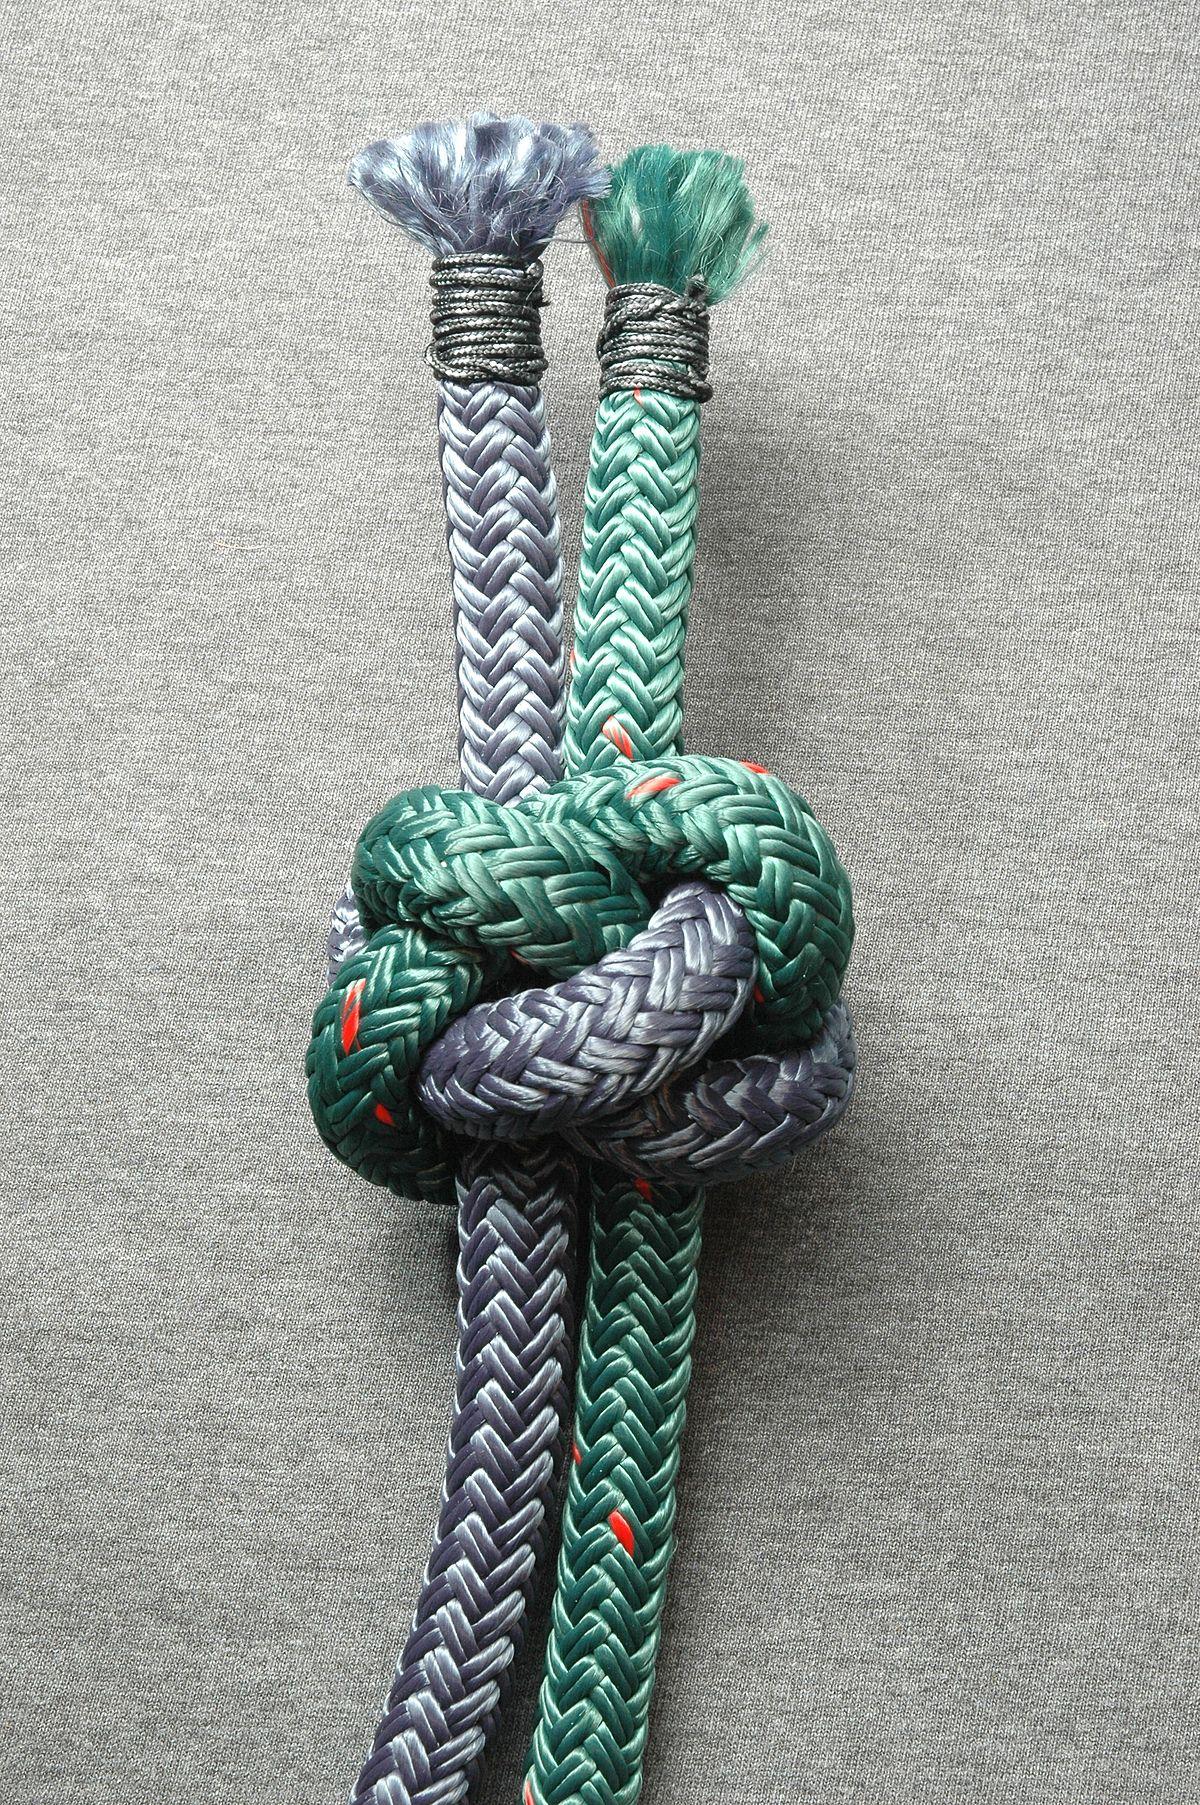 diamond knot wikipedia